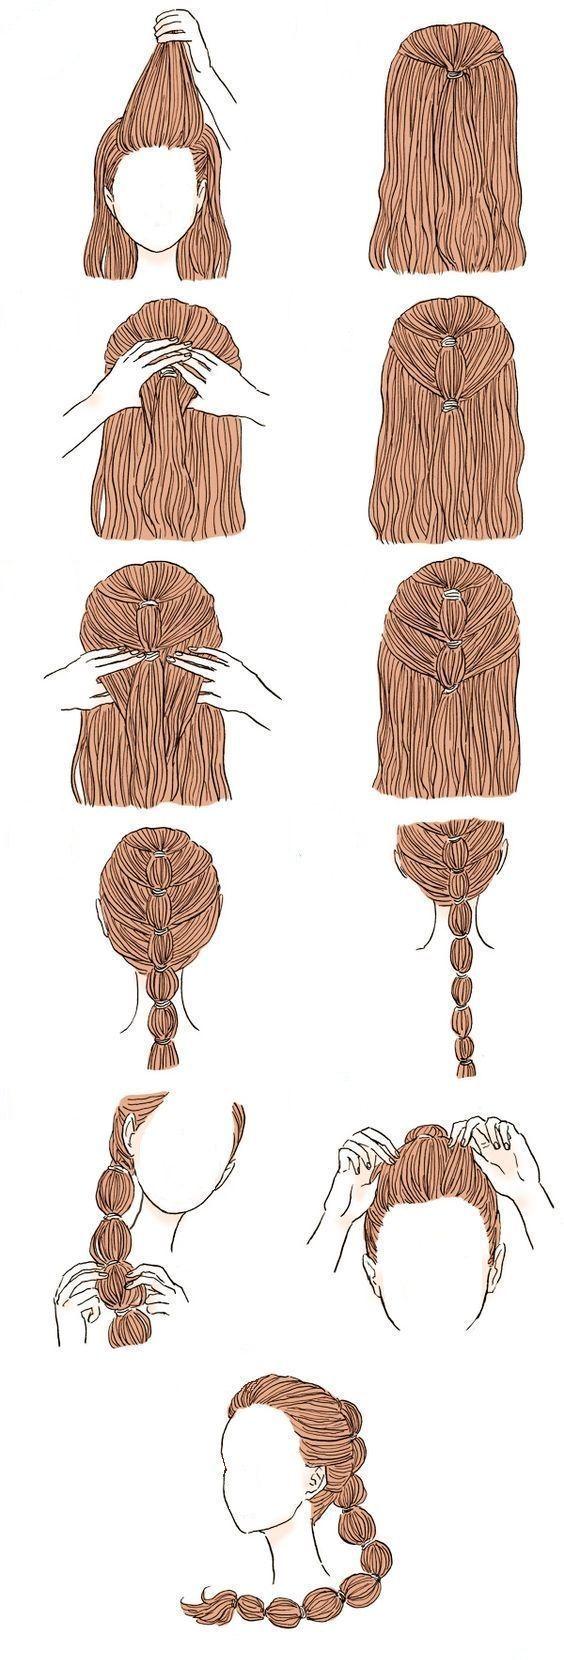 Frisuren für die Schule Frisuren für die Schule Pinterest: GreenTea CakeRoll #hai Frisuren für die Schule Frisuren für die Schule Pinterest: GreenTea Ca ...